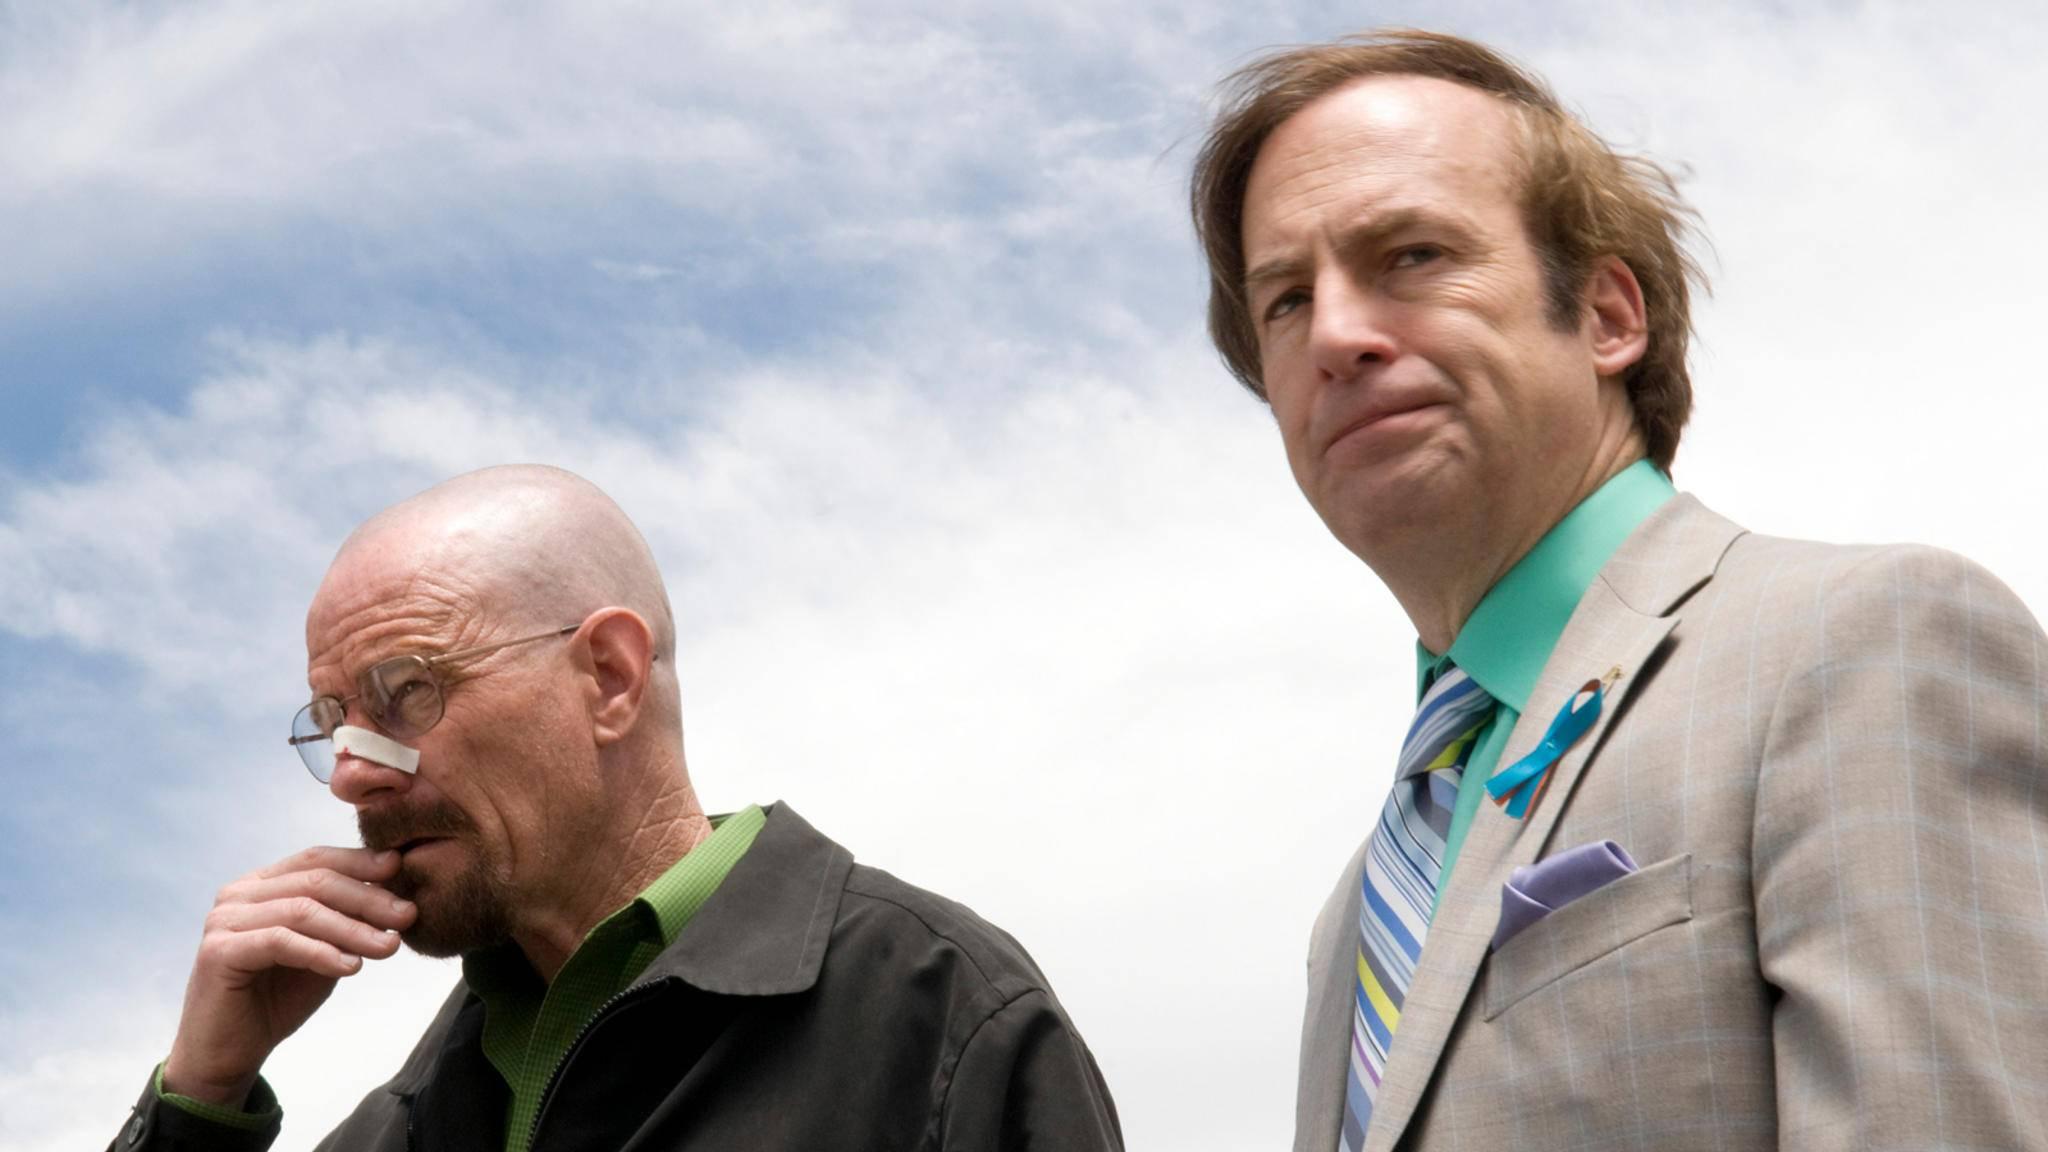 """Gibt es in """"Better Call Saul"""" ein Wiedersehen zwischen Saul Goodman und Walter White?"""